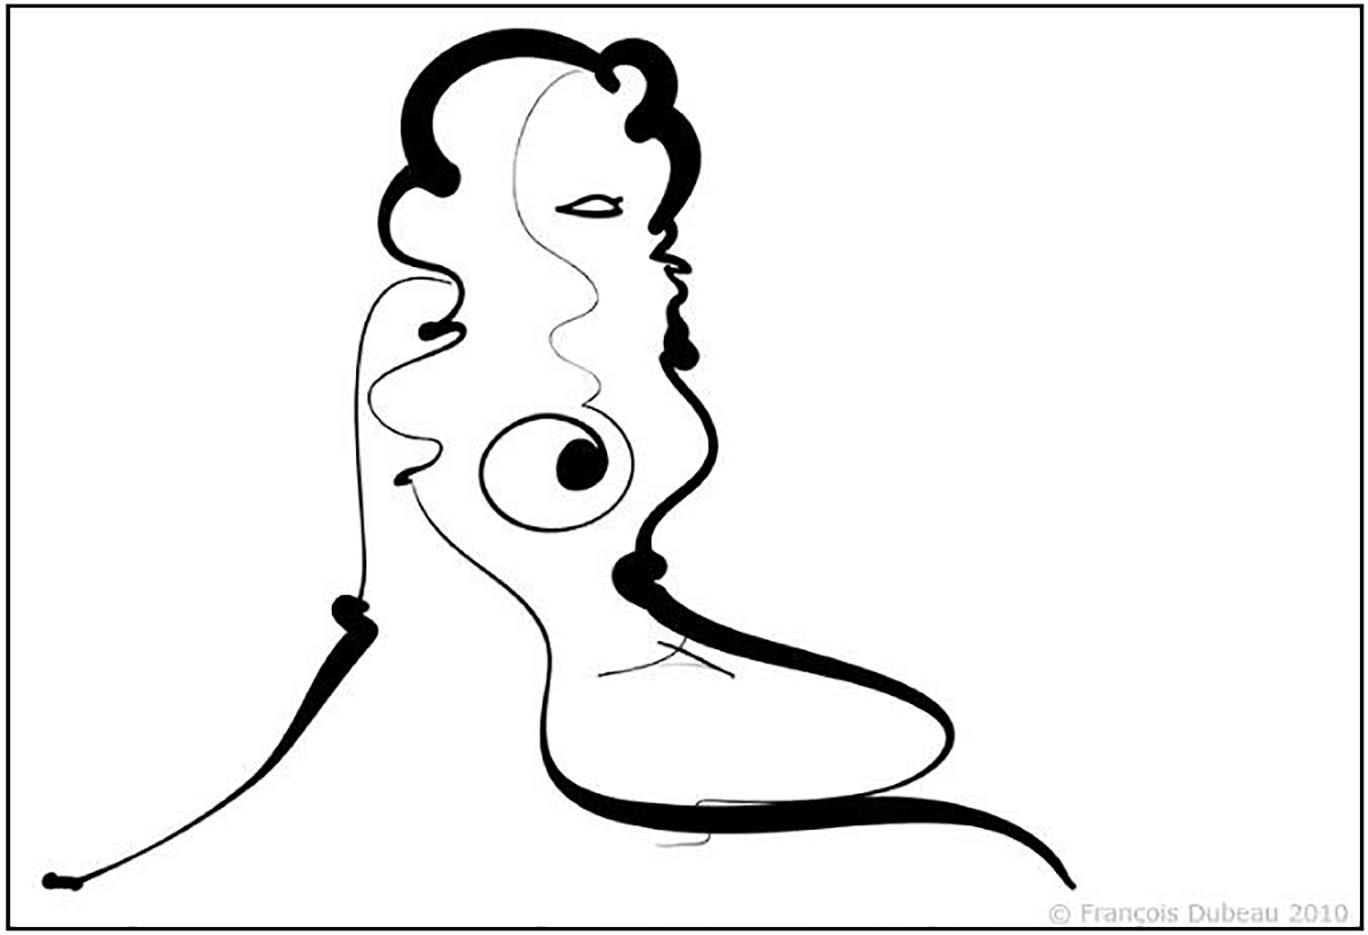 """Франсуа Дабо (Francois Dubeau), """"Calligraphique 5"""""""